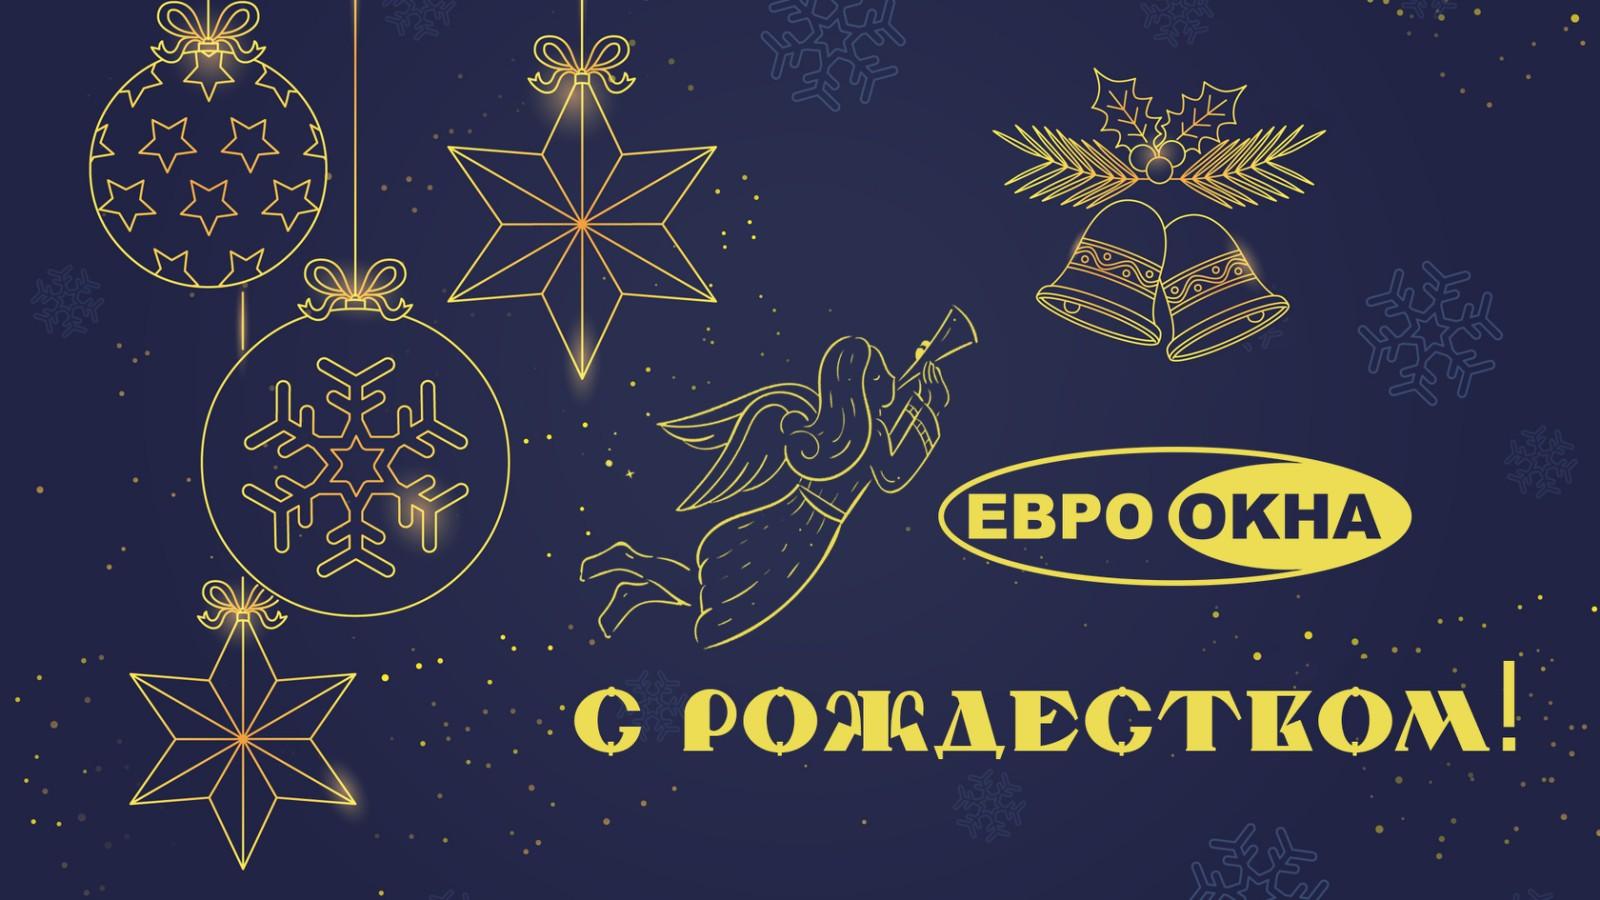 Евроокна - с Рождеством Христовым